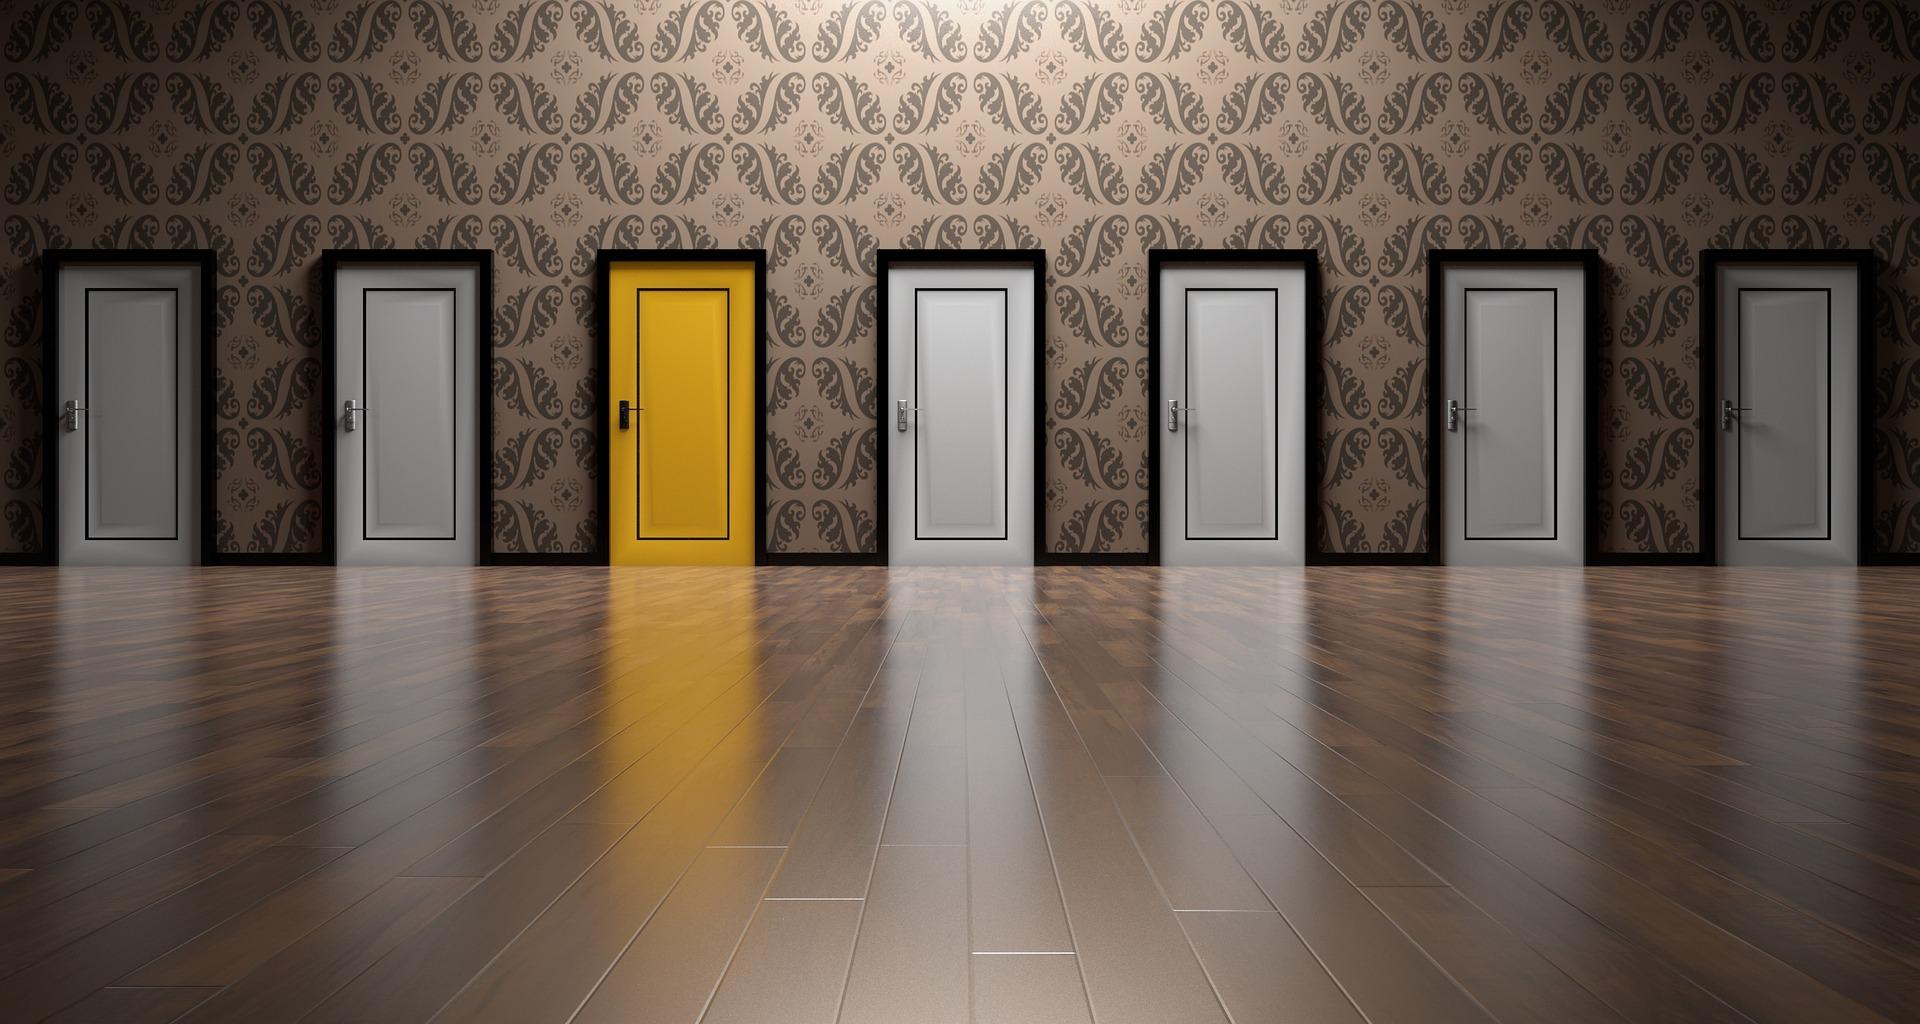 Cuando la confianza abre la puerta al miedo ve que no hay nadie al otro lado